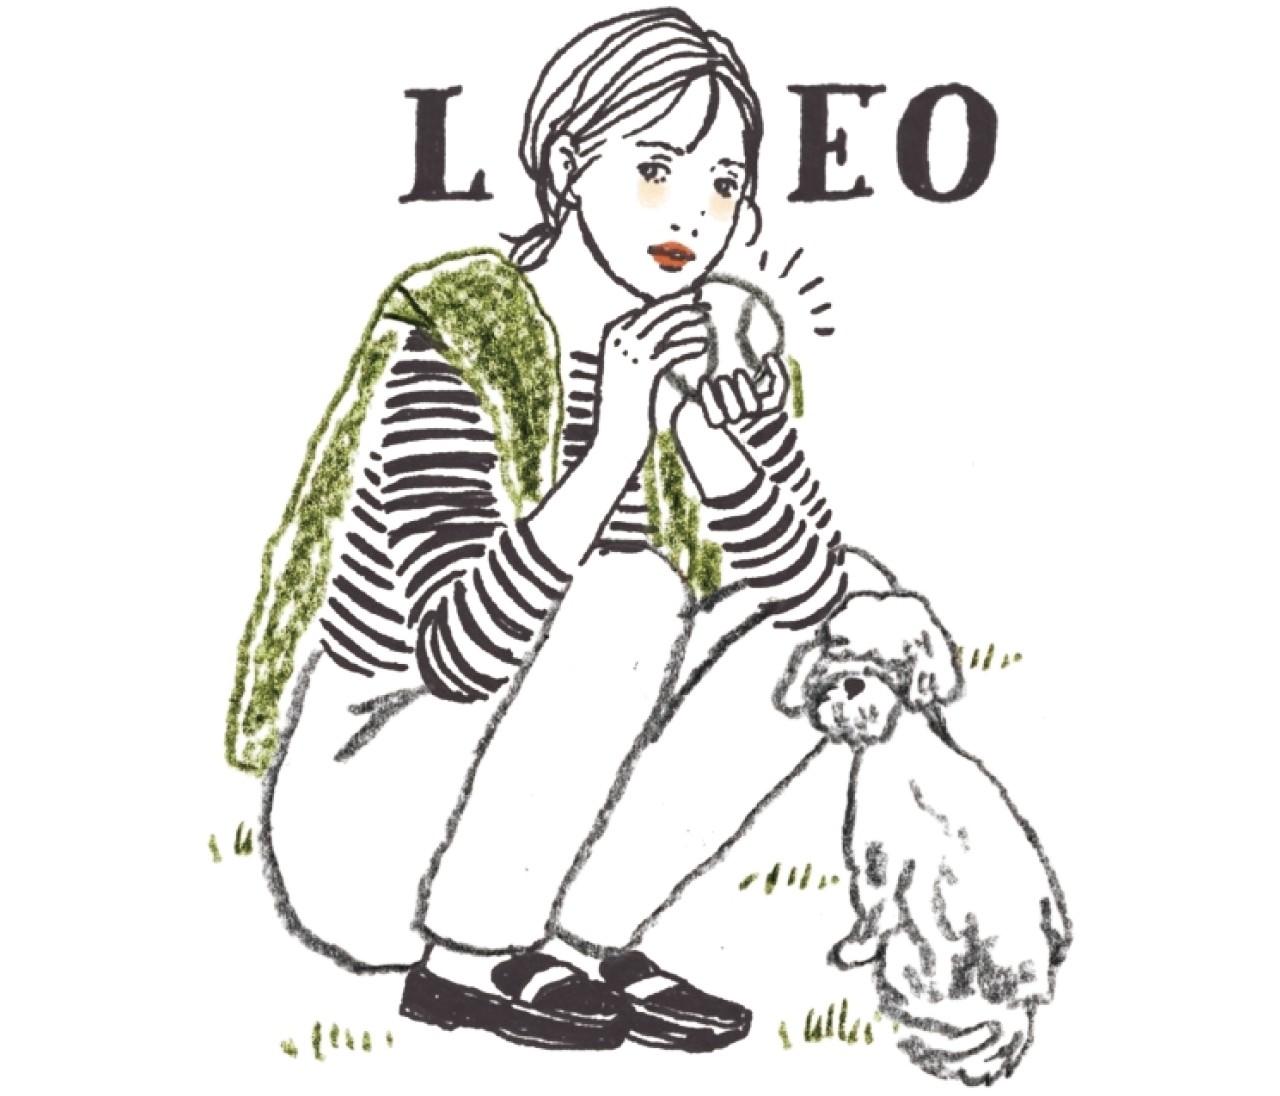 【獅子座】鏡リュウジの星座占い(2020年11月12日〜12月10日)